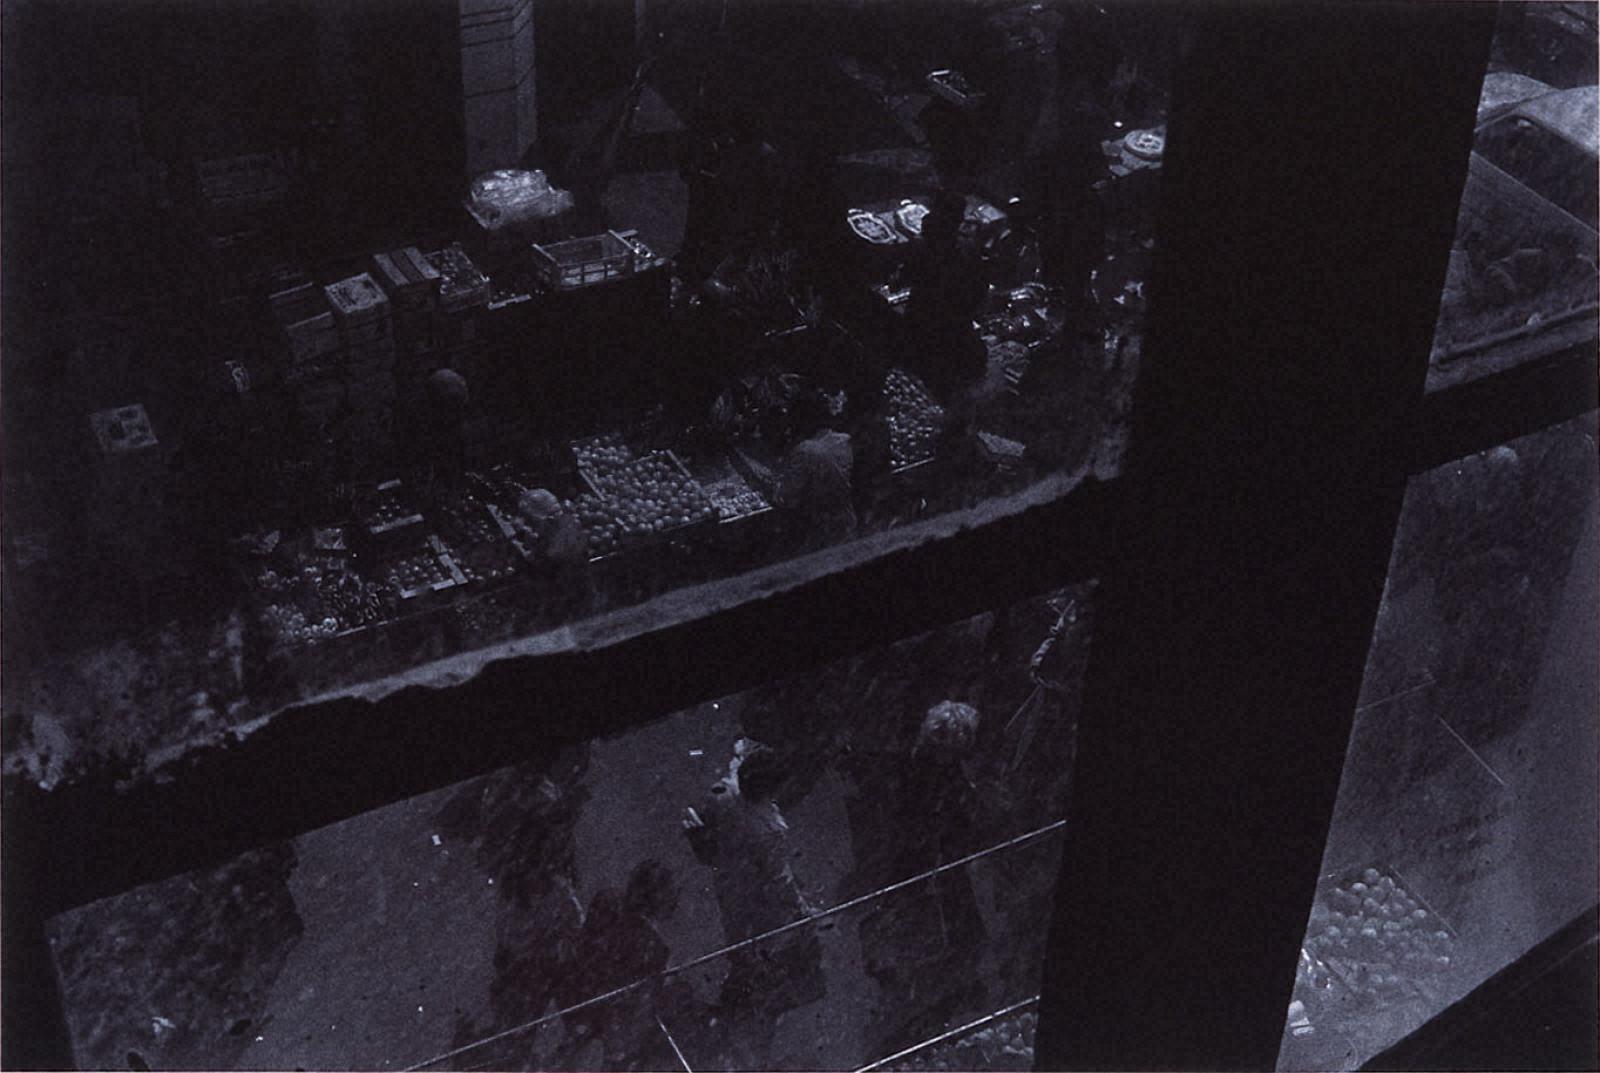 [Jun SHIRAOKA Photographs 1970-1998]フランス、パリ(アリーグル通り)、1980年4月